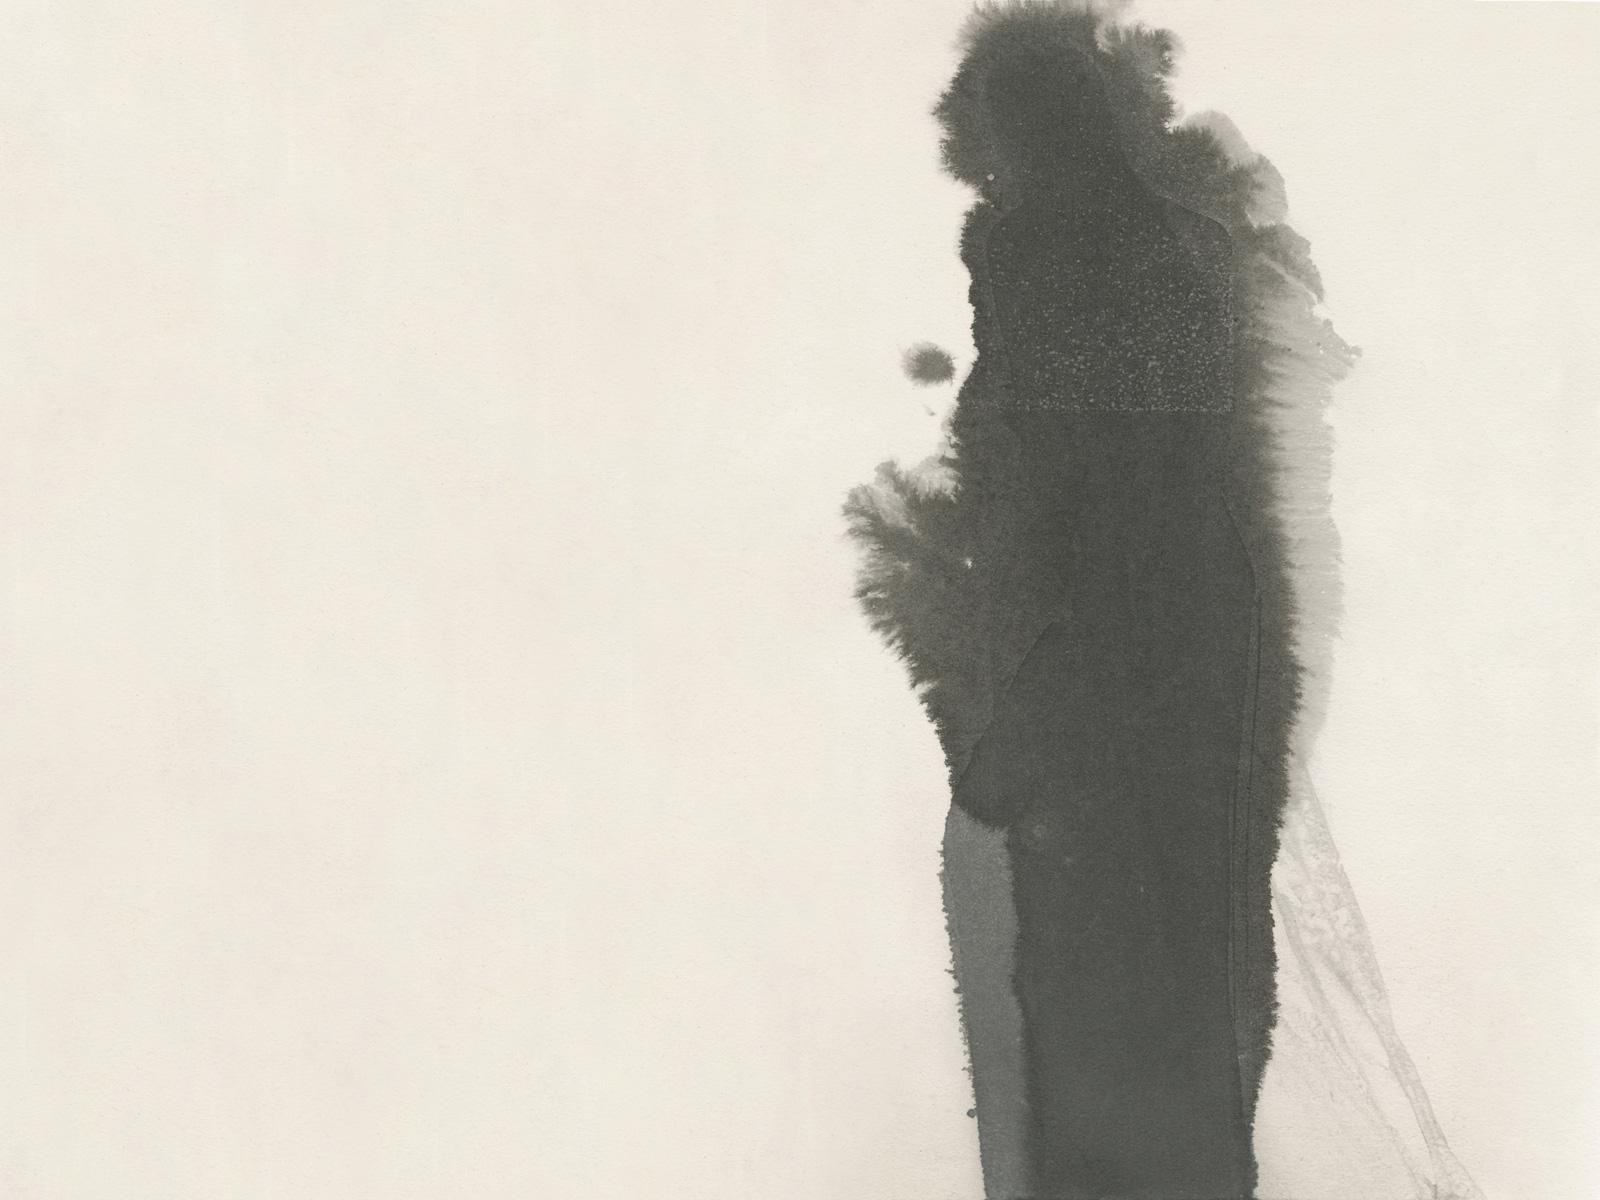 shadow,_ink_on_paper-5q63e9hu43rpd4eb8f38cdc3051b45a0feb328fdadb57cb13880.jpg